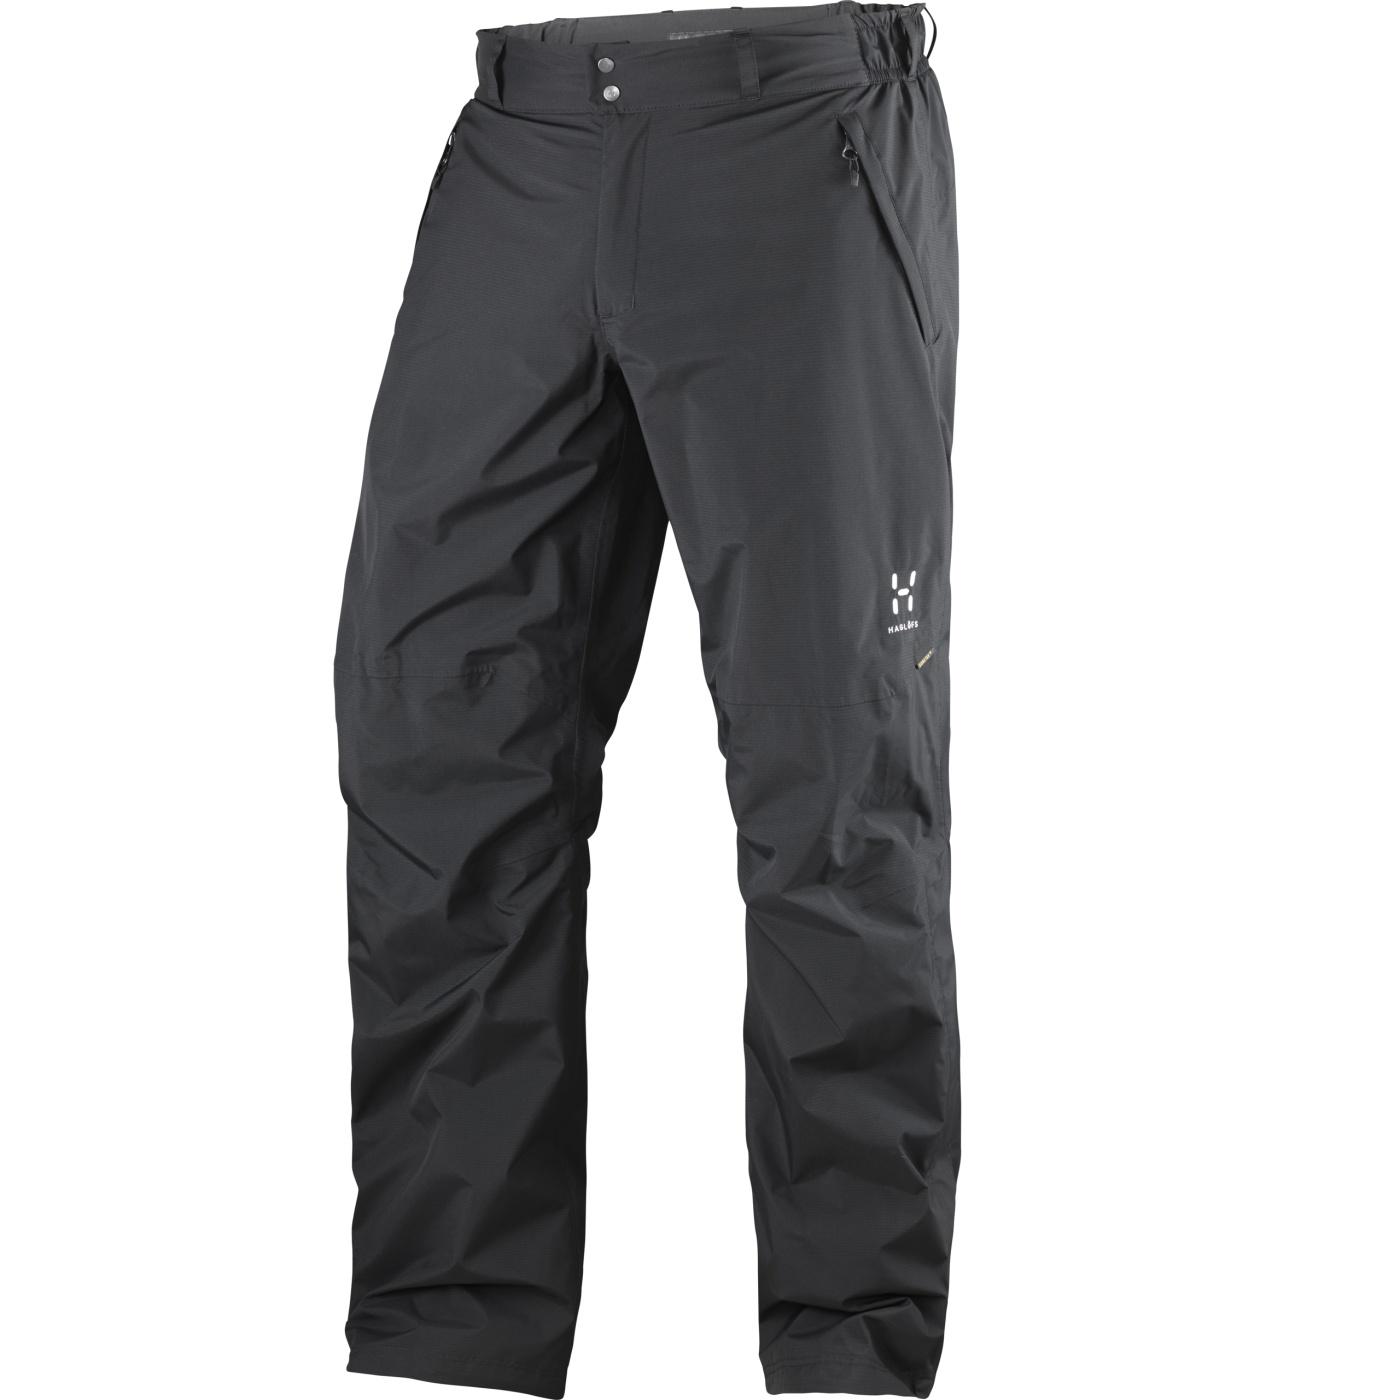 Haglofs Vandra Pant Men True Black Short-30